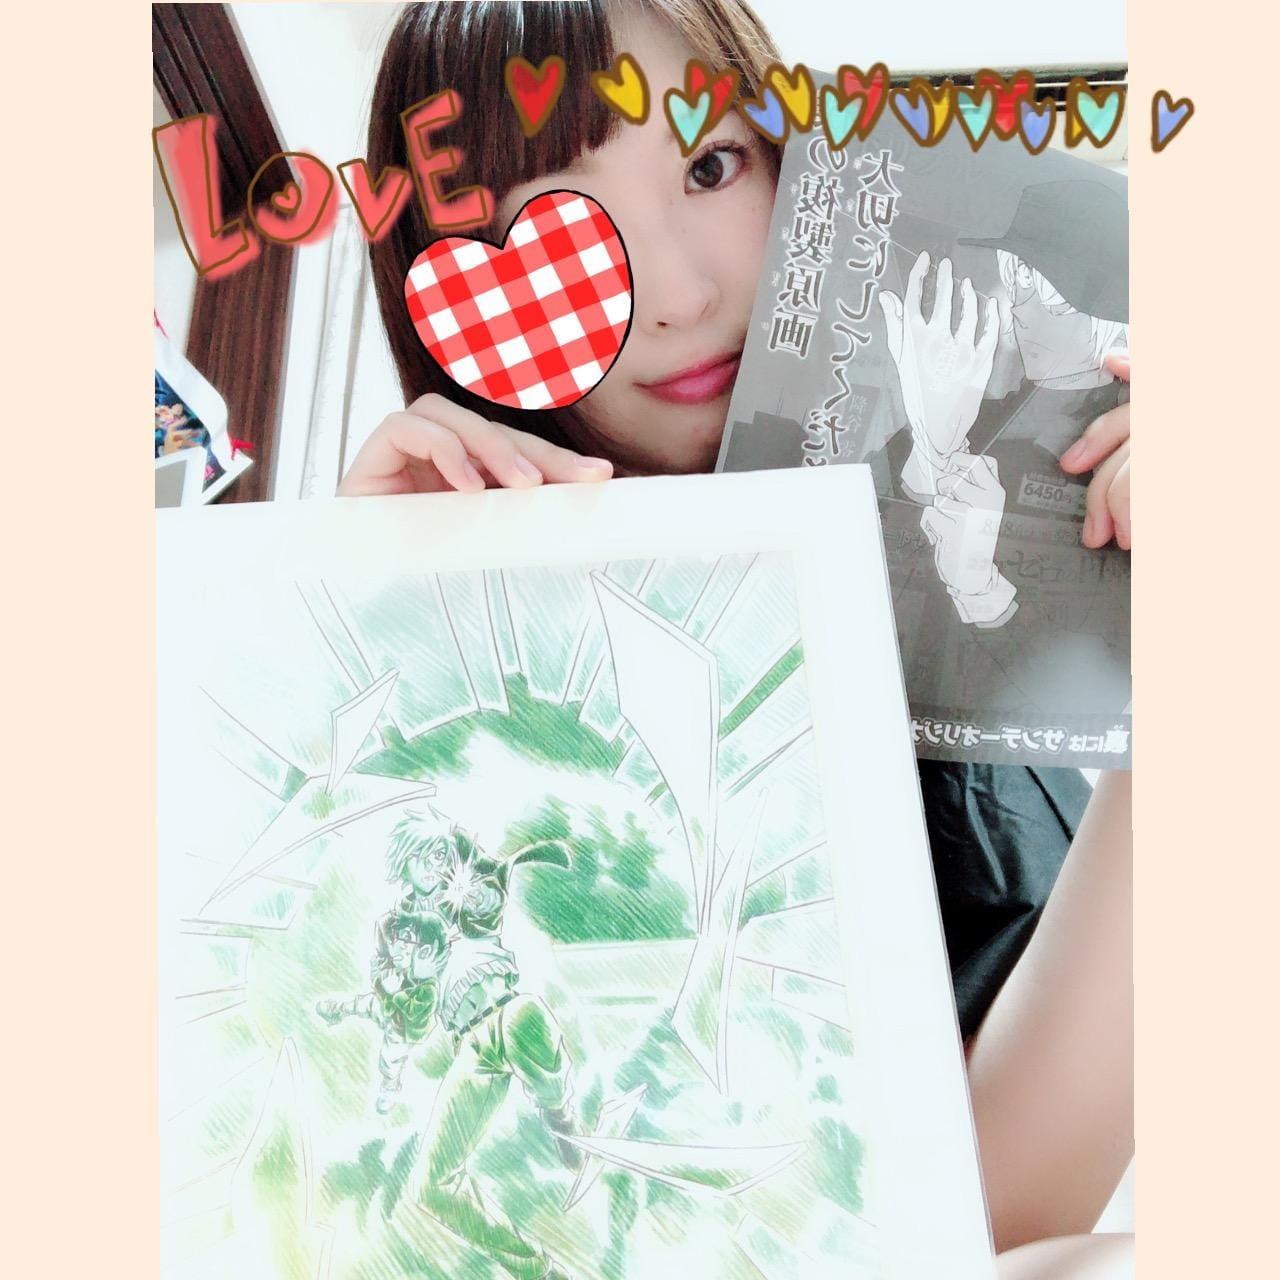 「複製原画届いた!」08/04(土) 18:50   ももの写メ・風俗動画